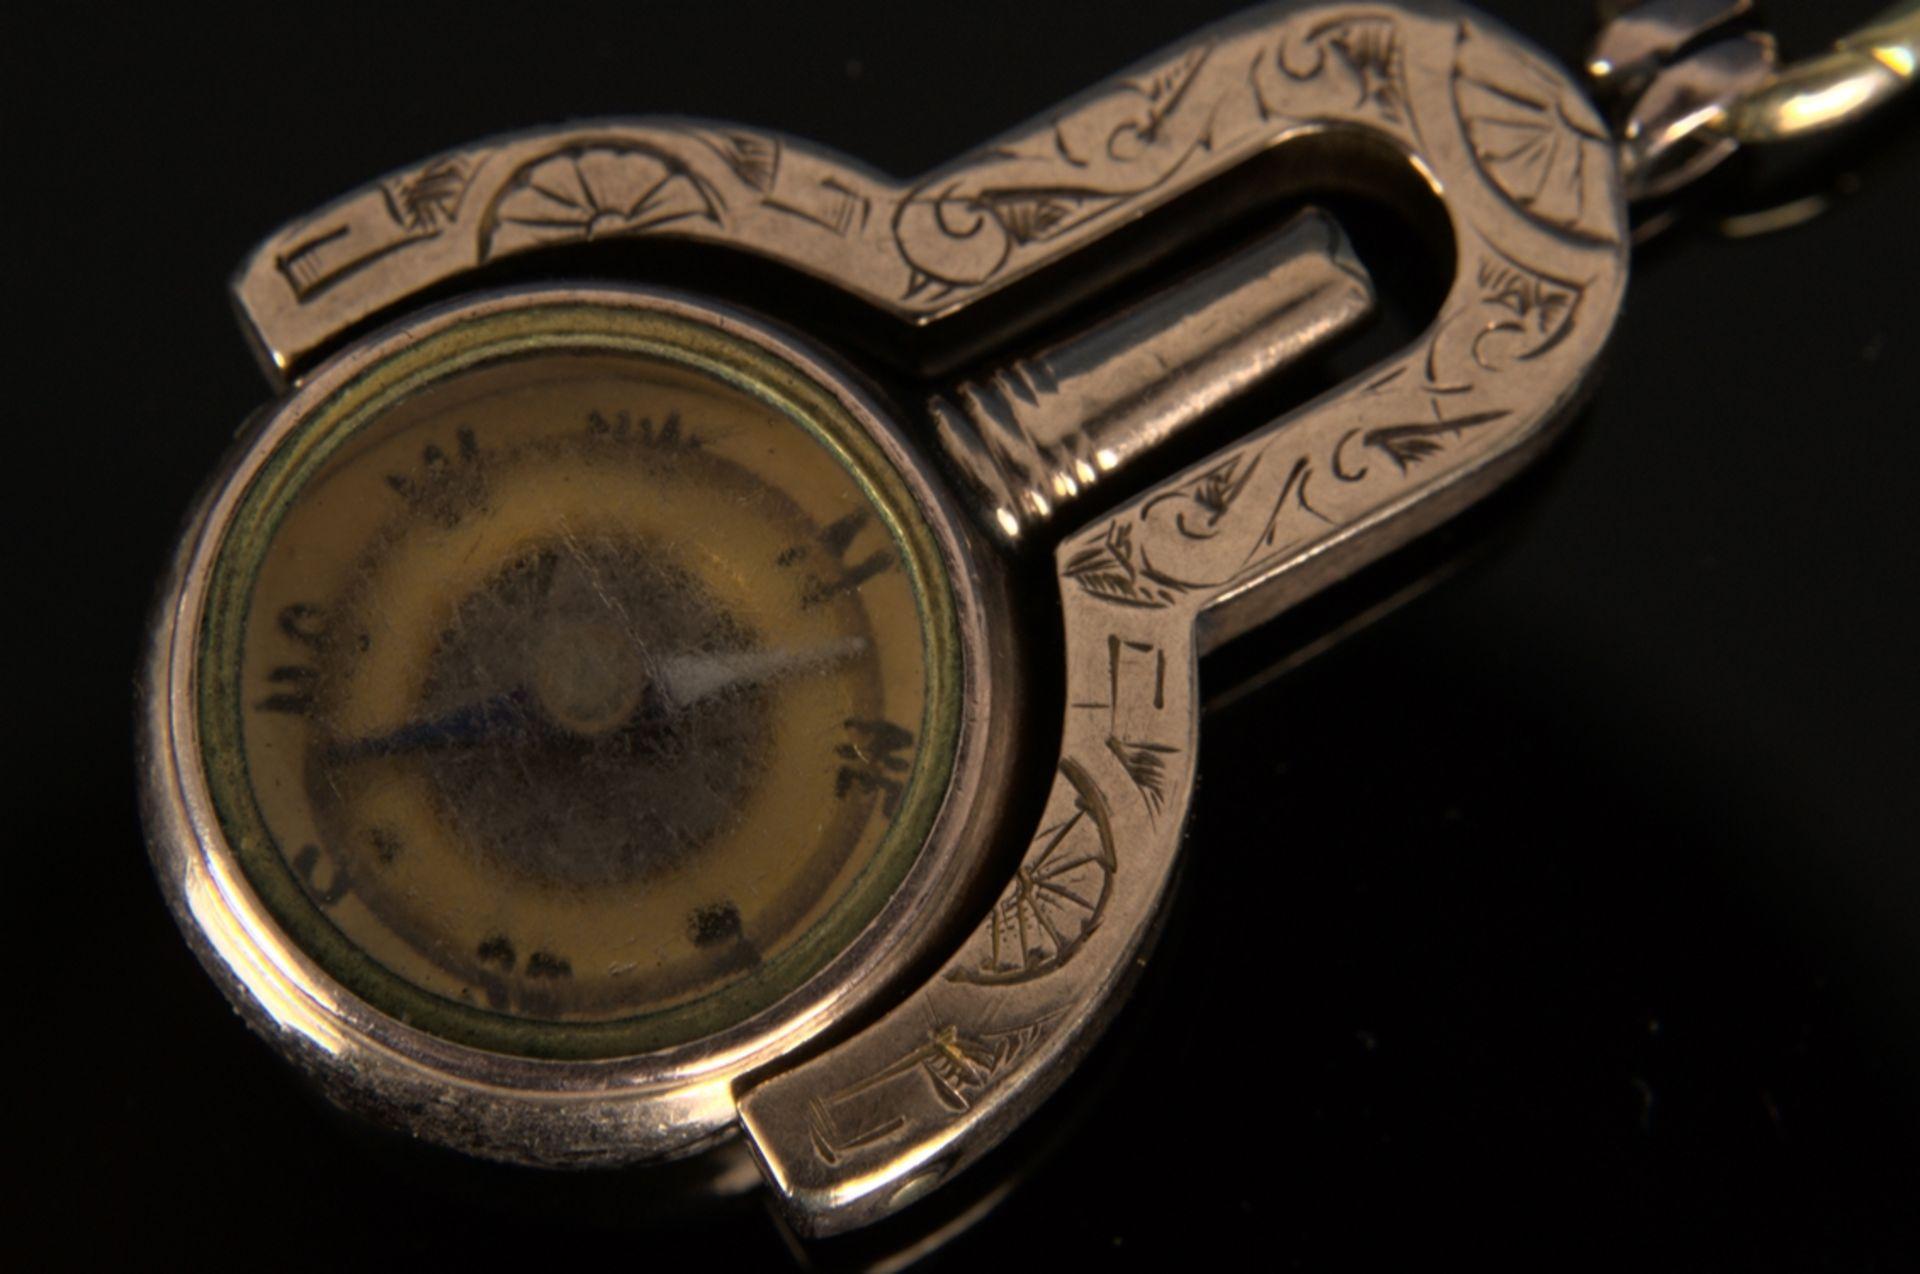 9teilige Sammlung versch. Taschenuhrenschlüssel, überwiegend 19. Jhd. Versch. Alter, Größen, - Bild 16 aus 18